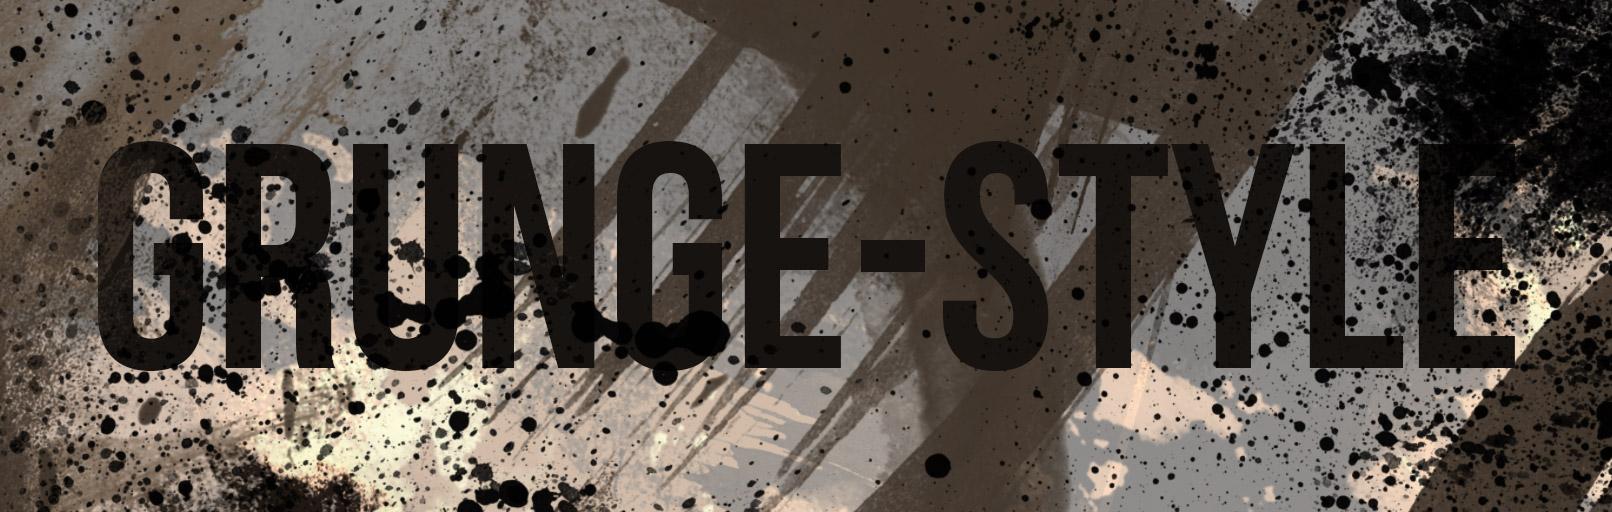 Schriftzug im Grunge-Style